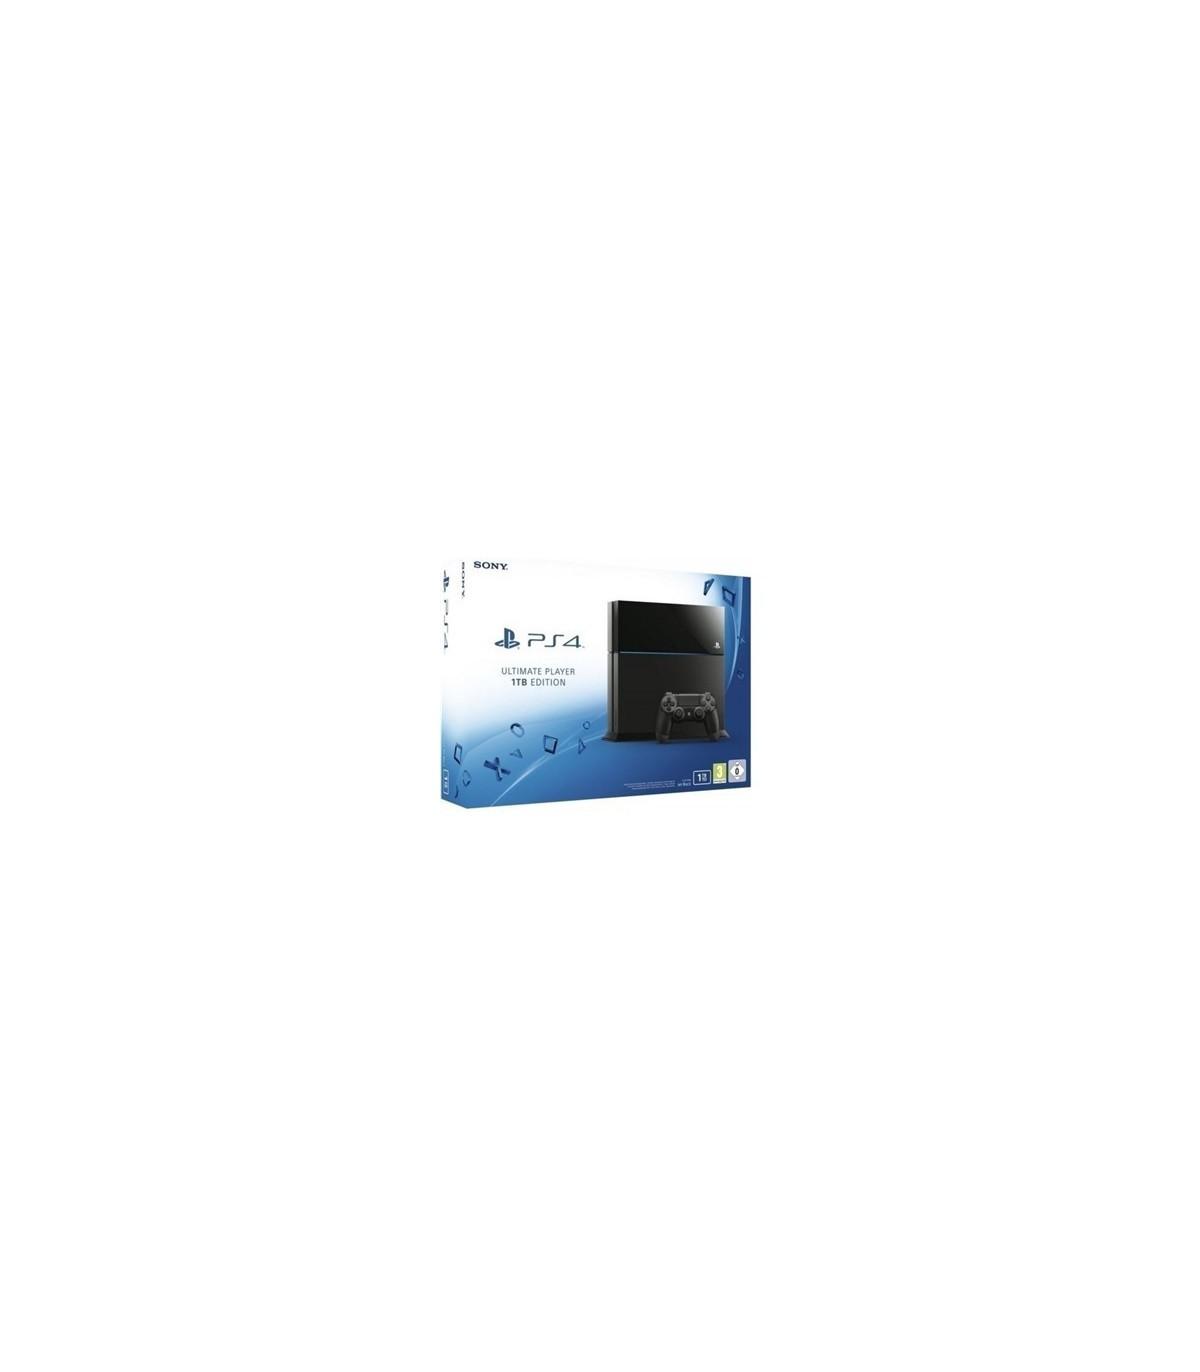 Sony Playstation 4 Region 2 CUH-1216B 1 TB Game Console